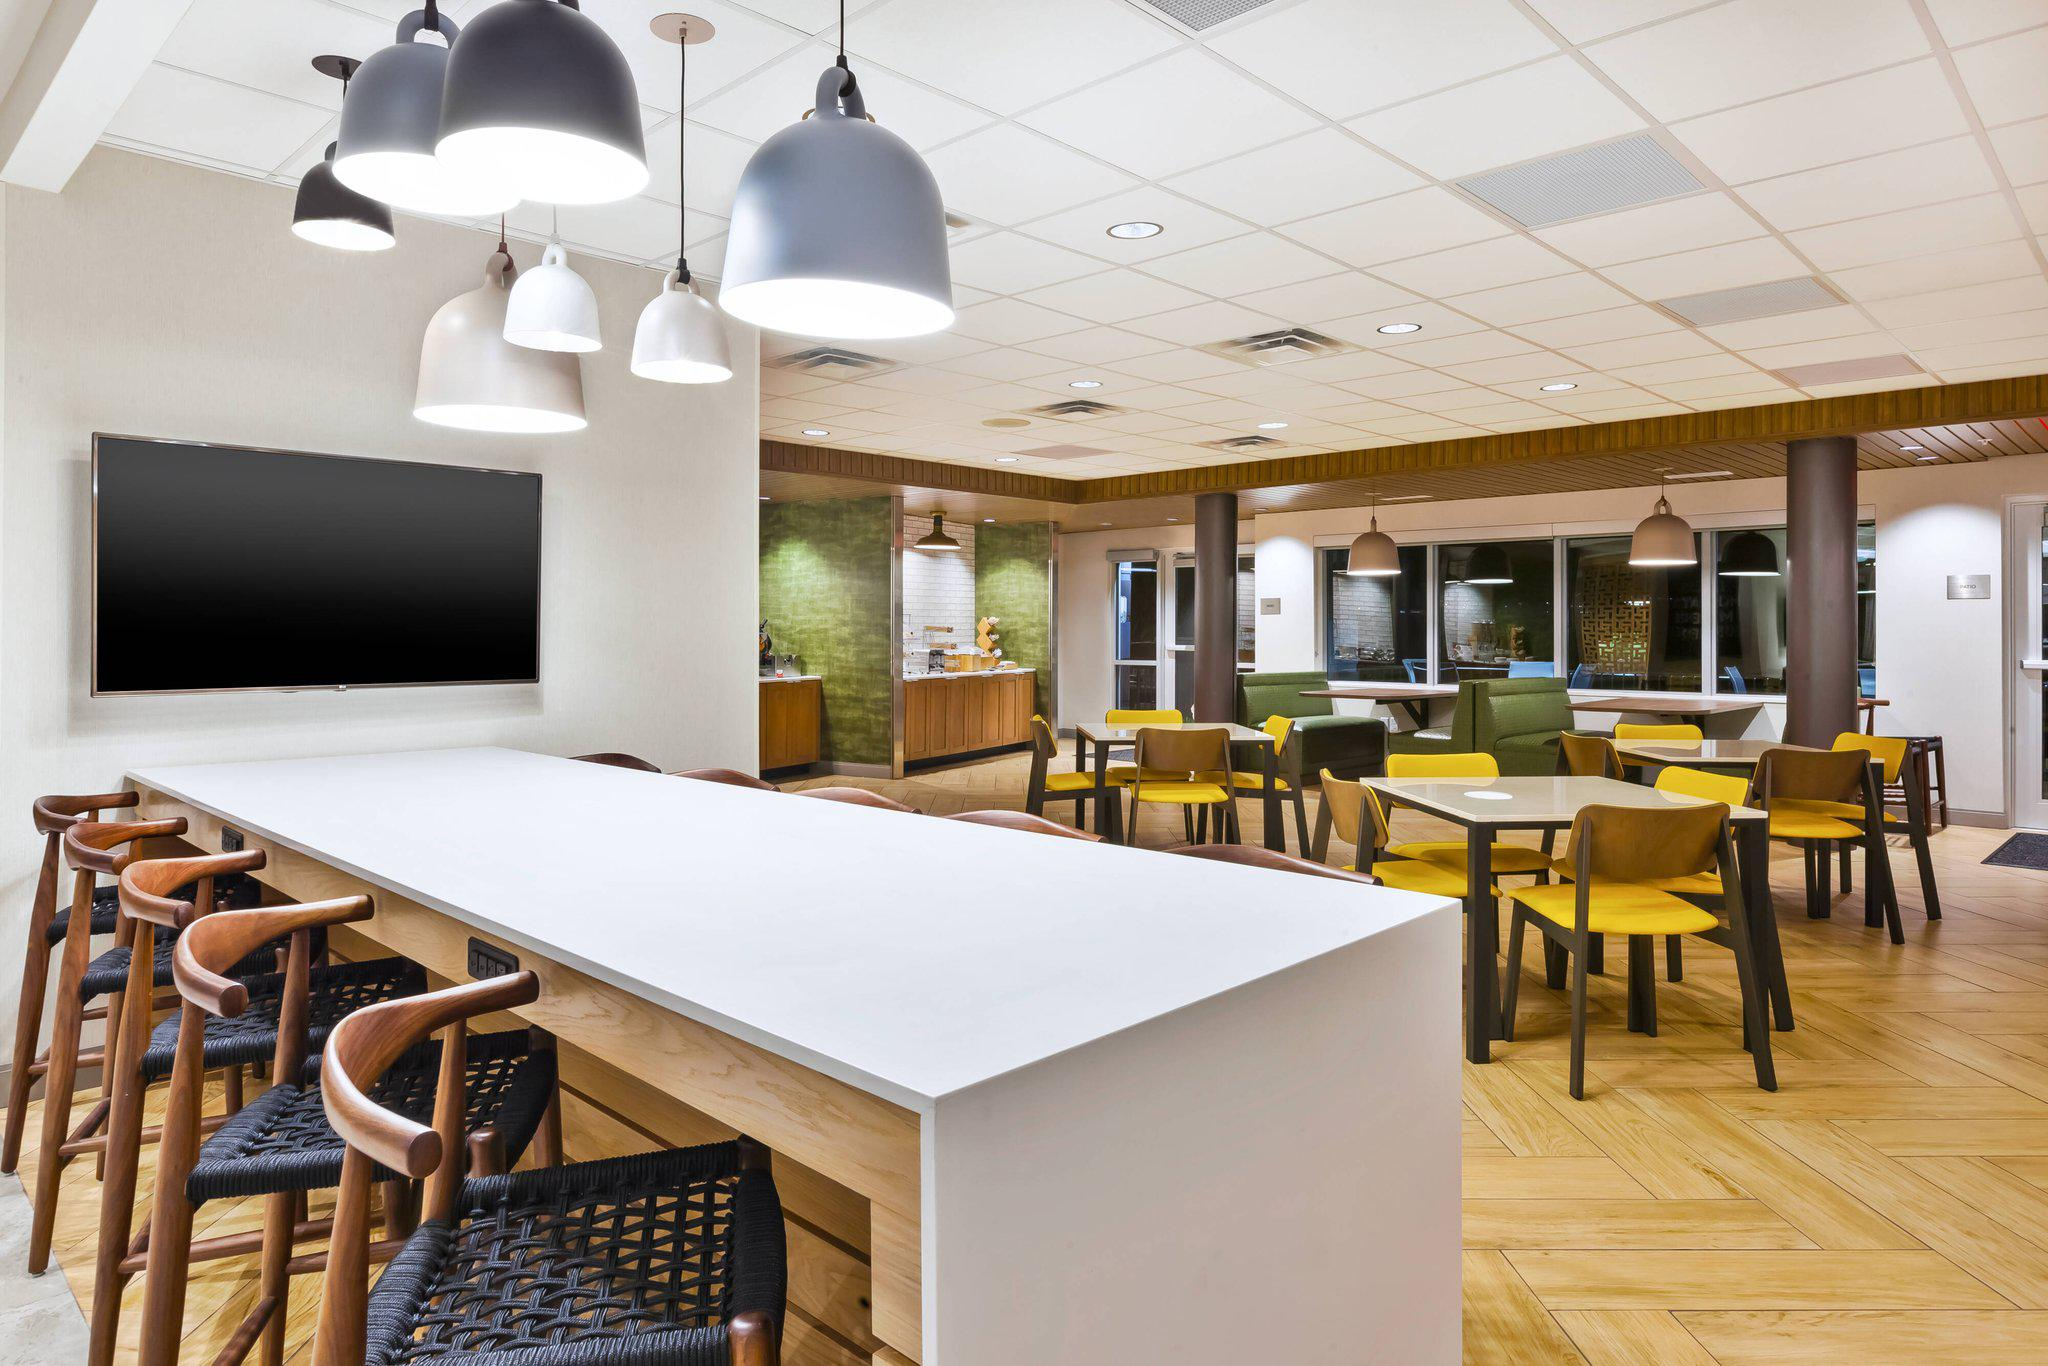 Fairfield Inn & Suites by Marriott Goshen